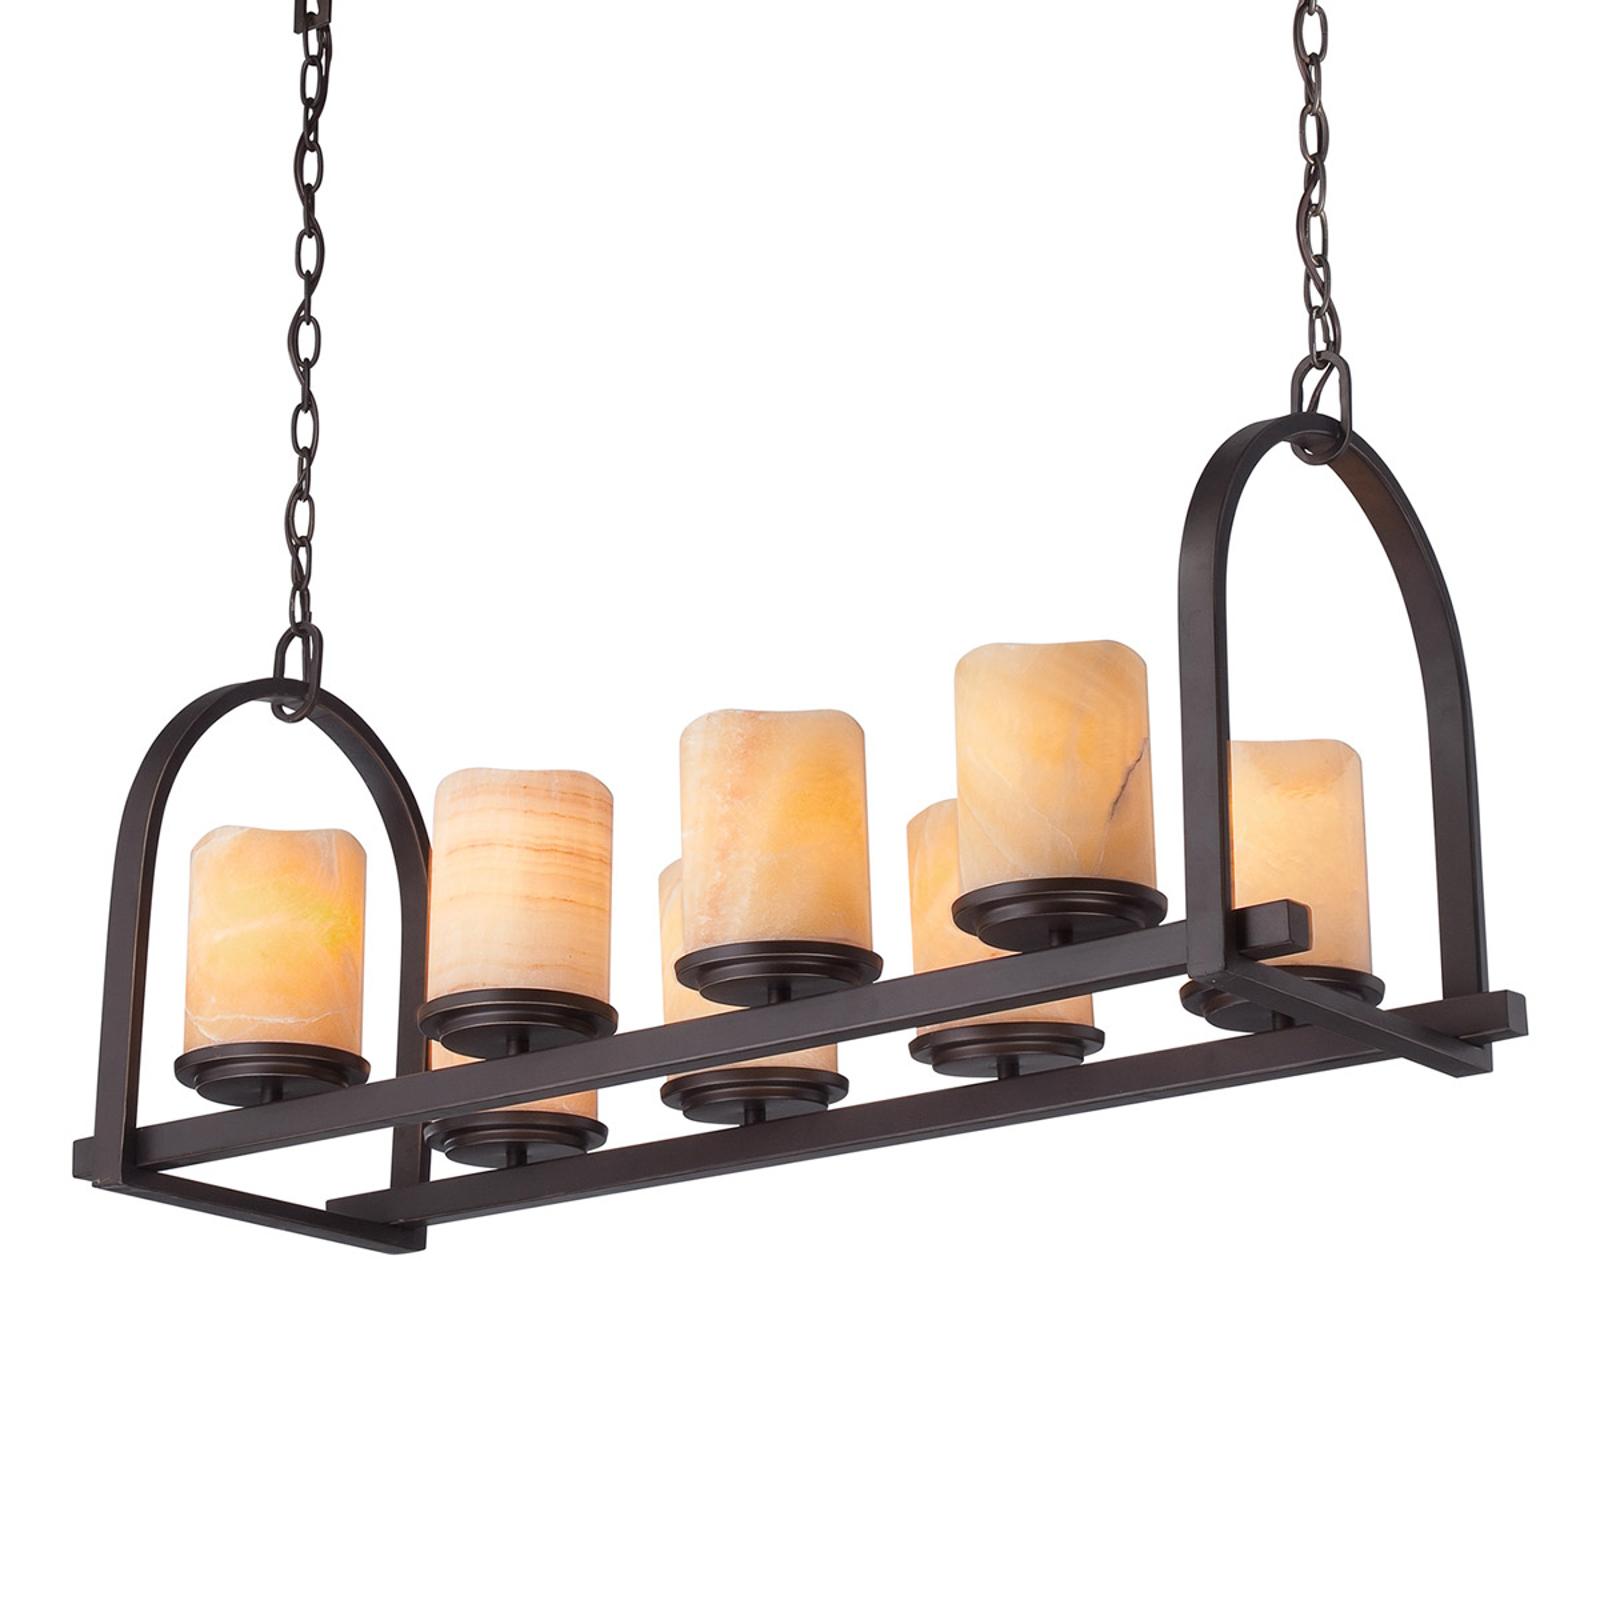 Hanglamp Aldora, 8-lamps